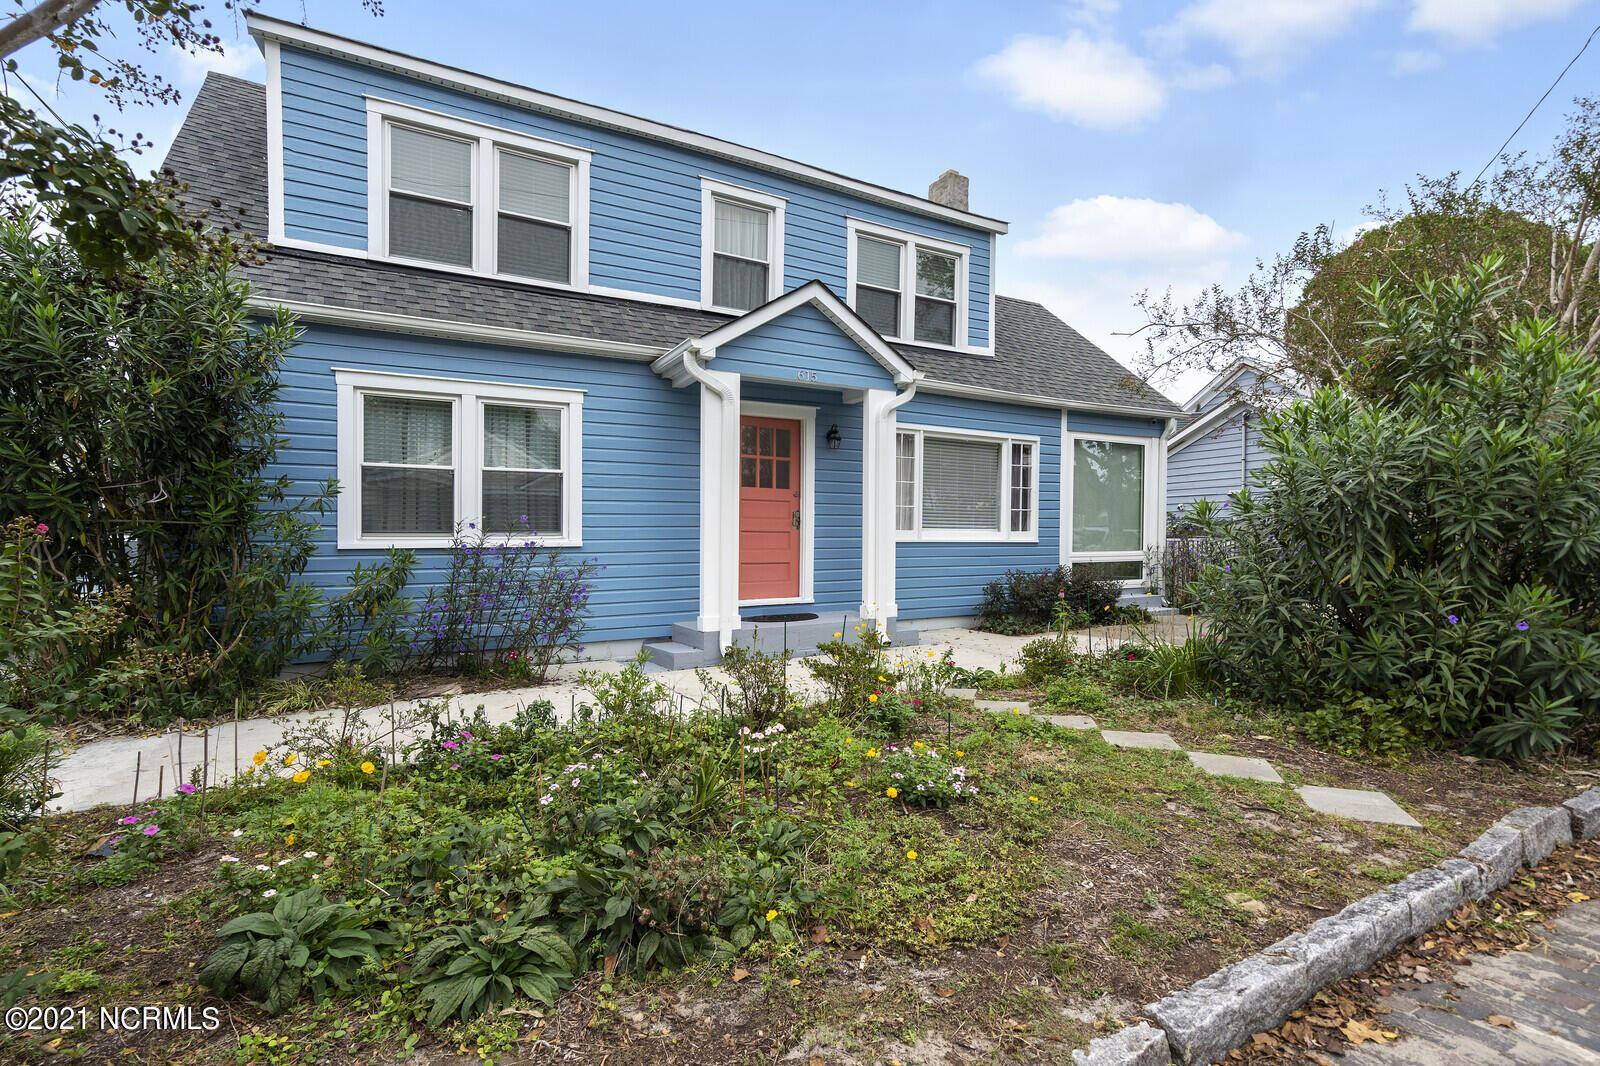 Photo of 615 Queen Street, Wilmington, NC 28401 (MLS # 100295222)